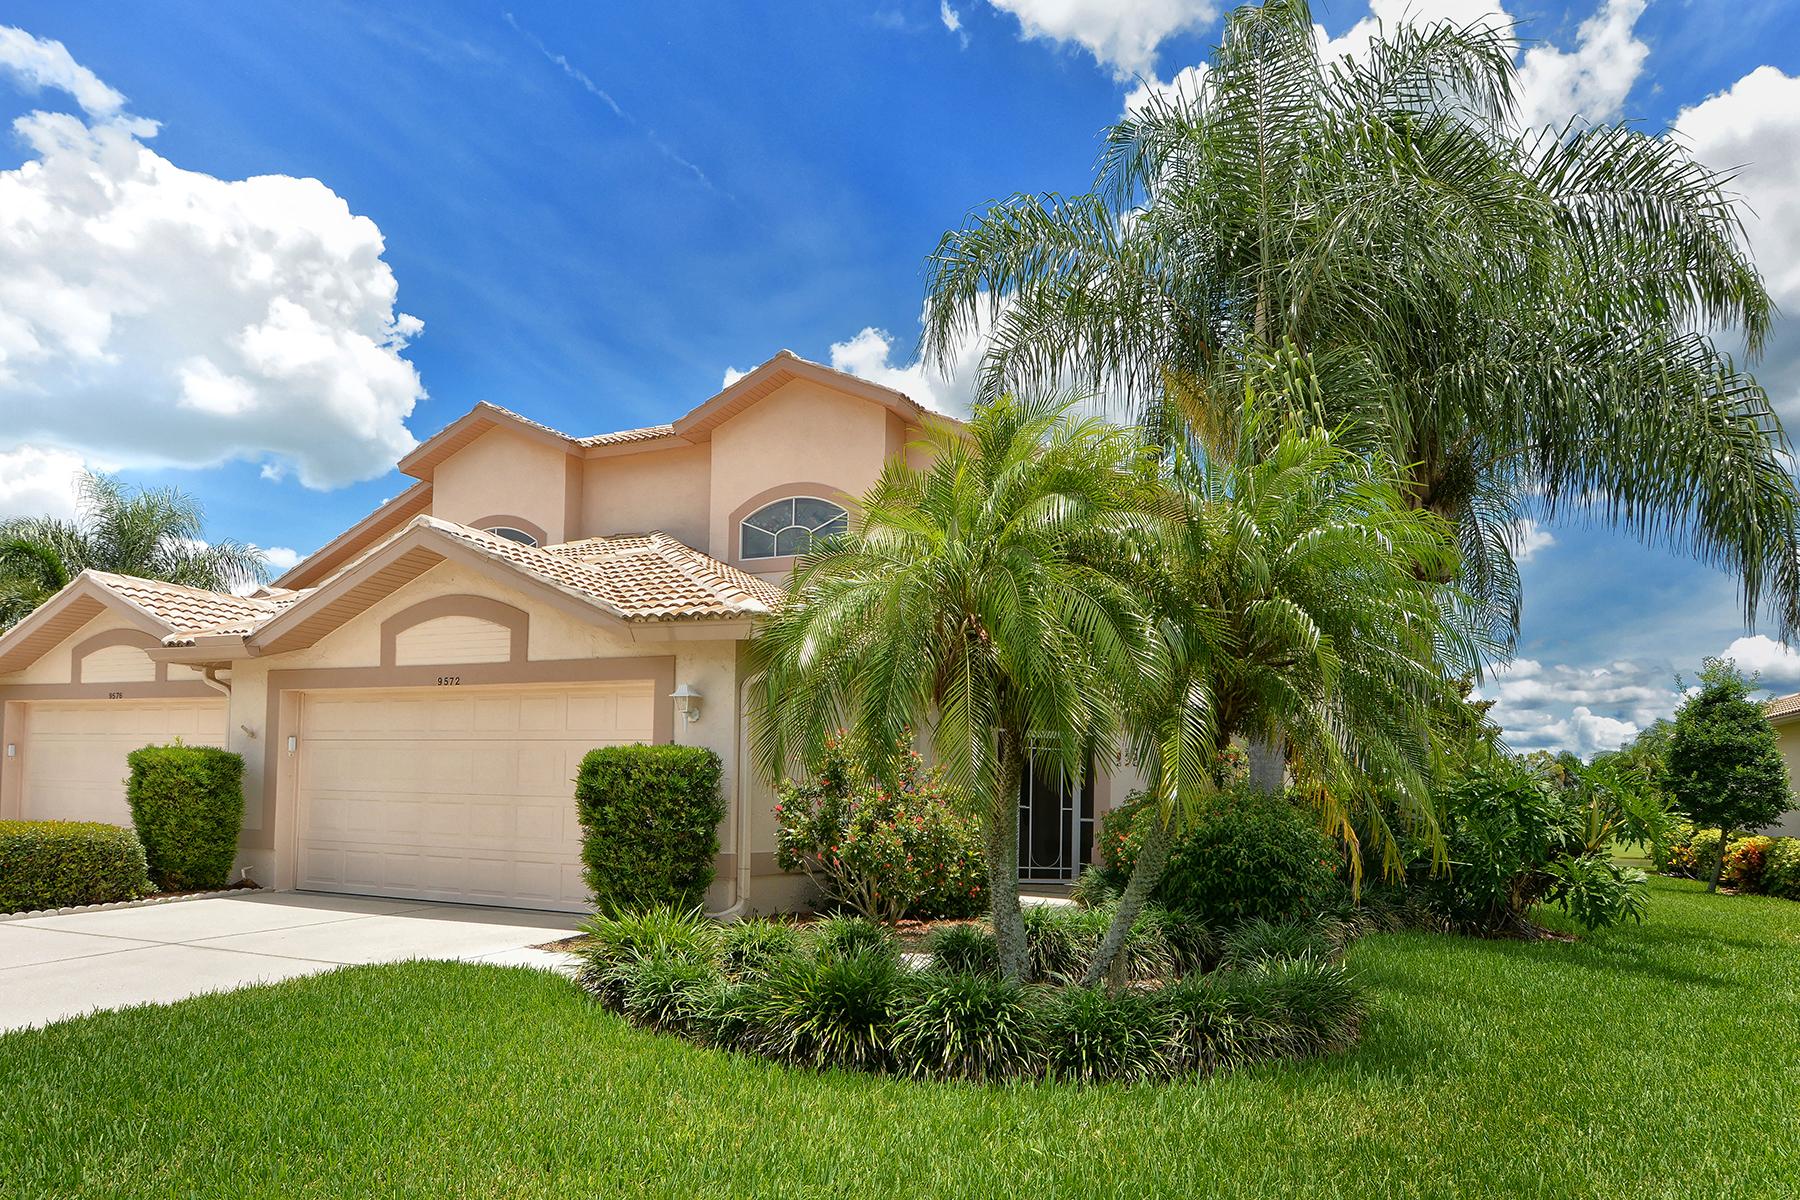 타운하우스 용 매매 에 SARASOTA 9572 Forest Hills Cir Sarasota, 플로리다 34238 미국